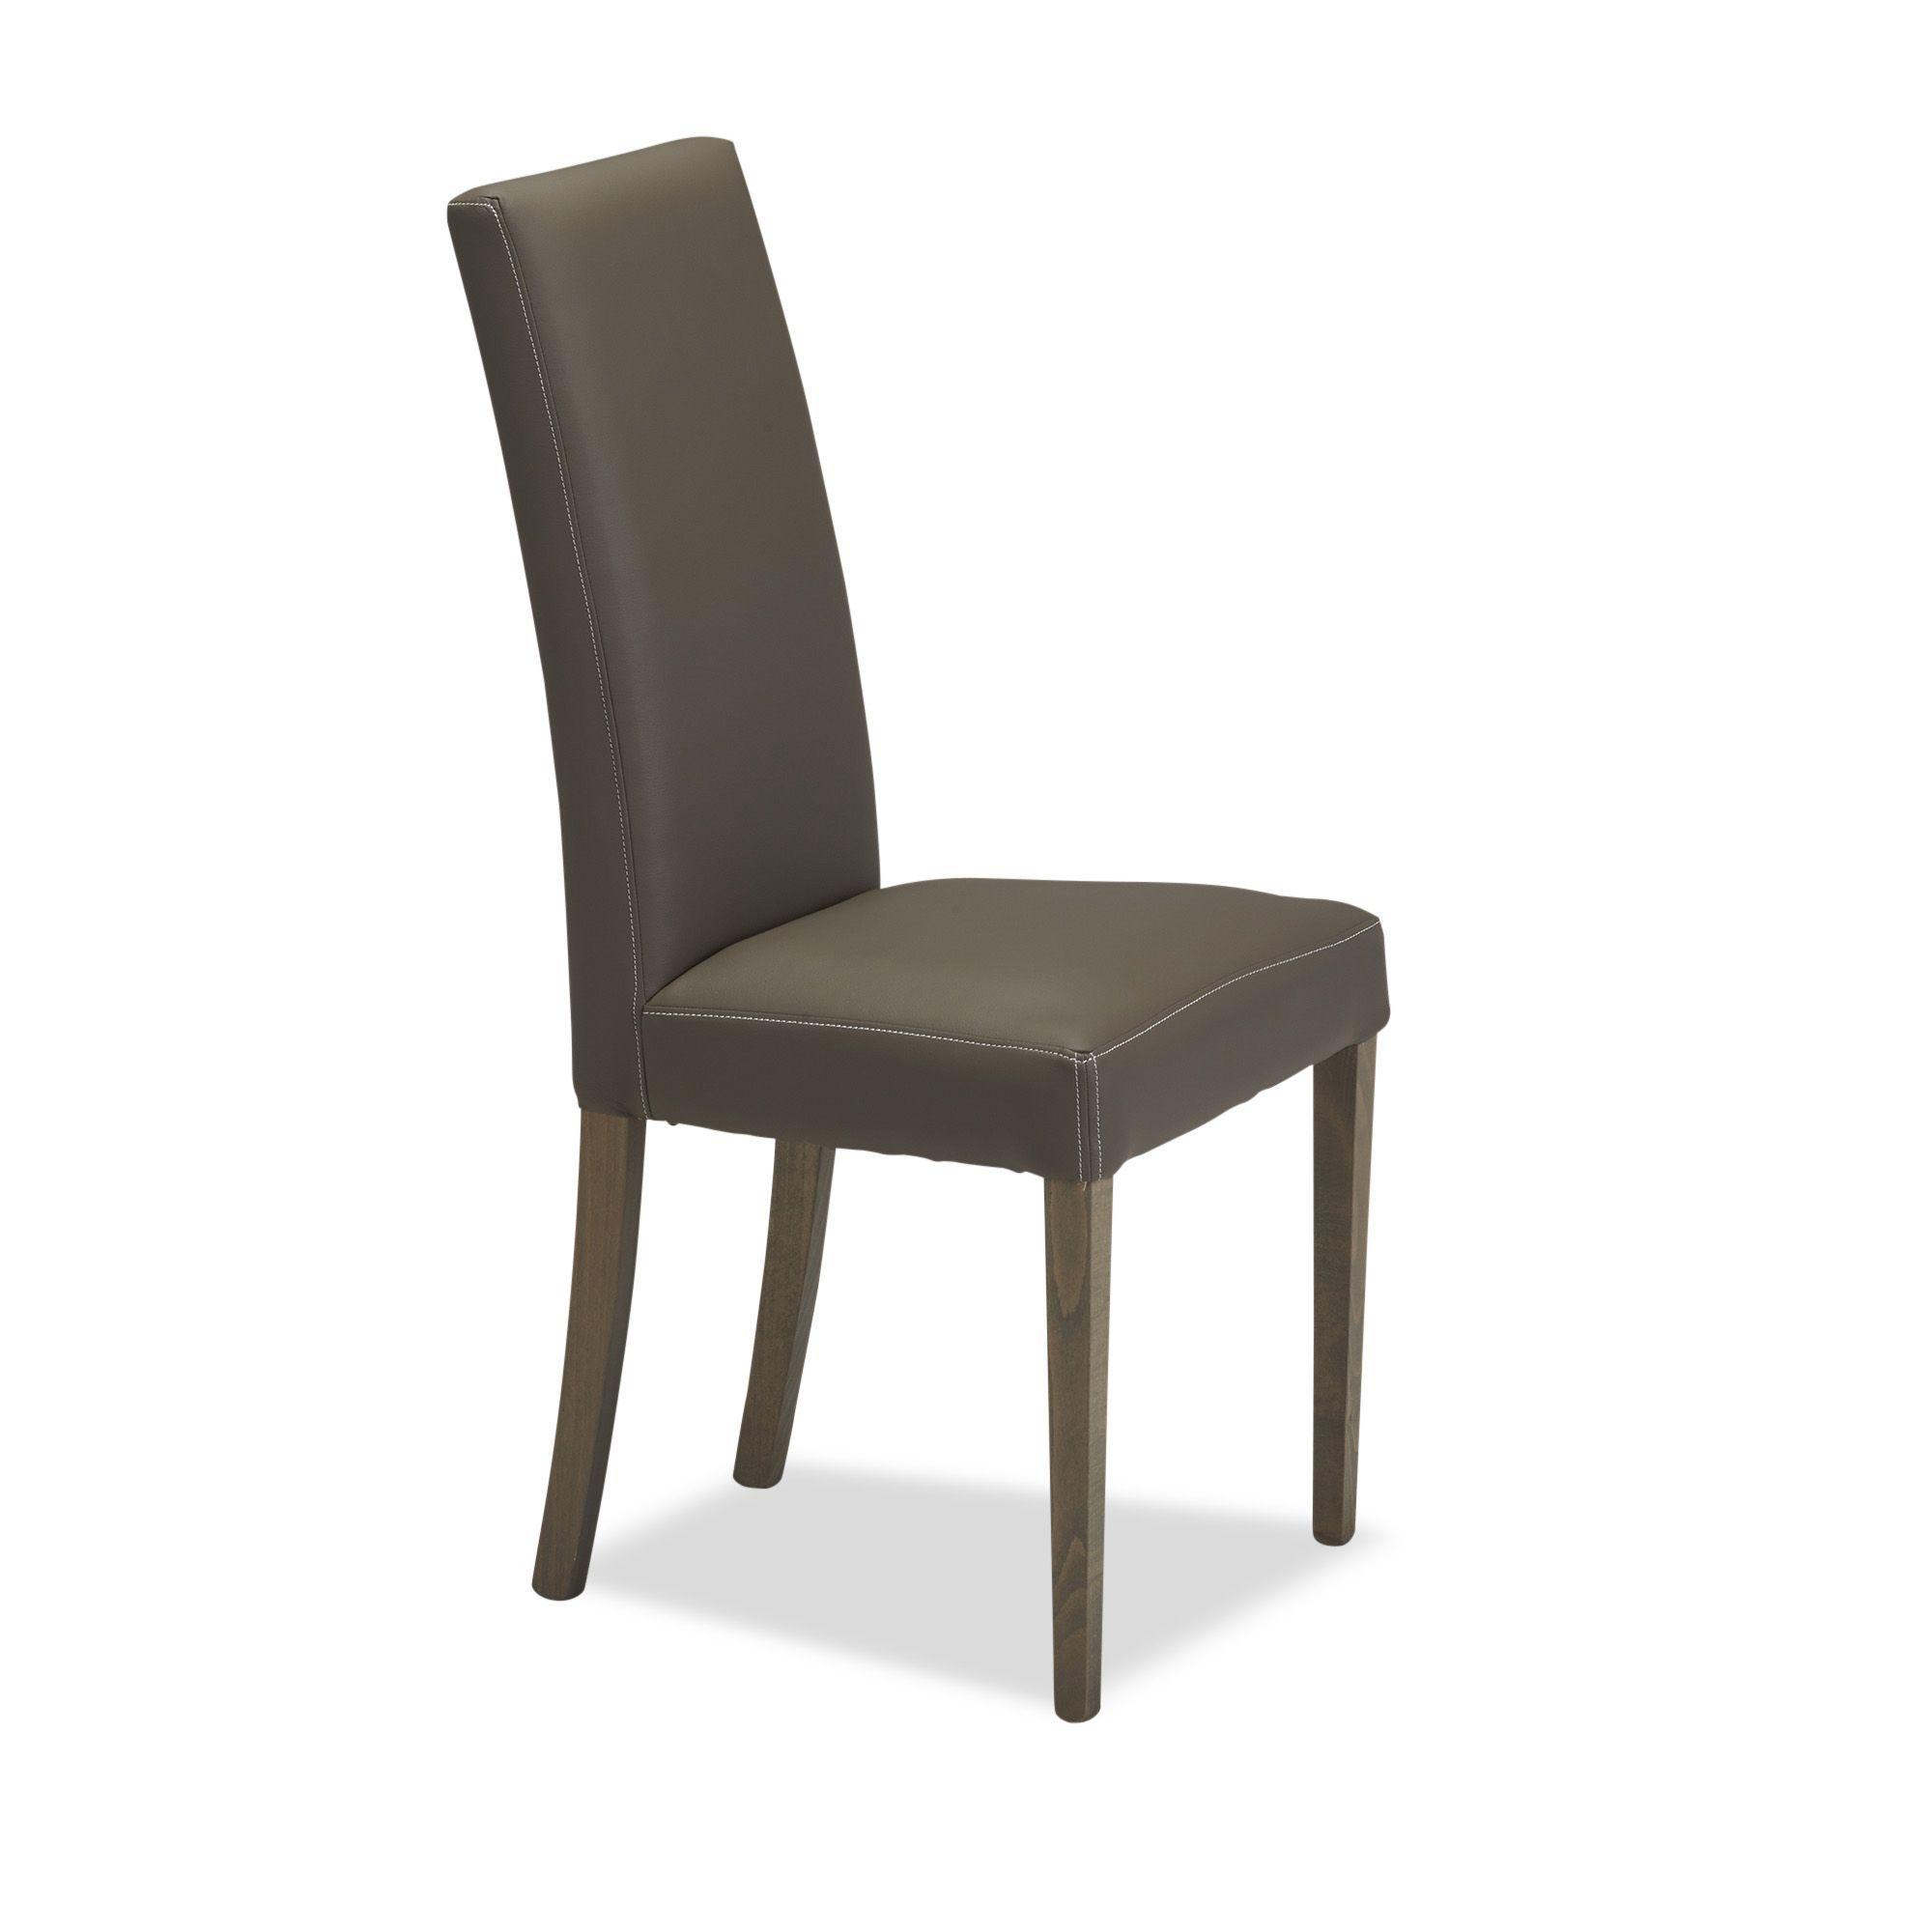 Chaises Alinea Salle A Manger chaise revêtement pvc taupe gris taupe - ava - chaises